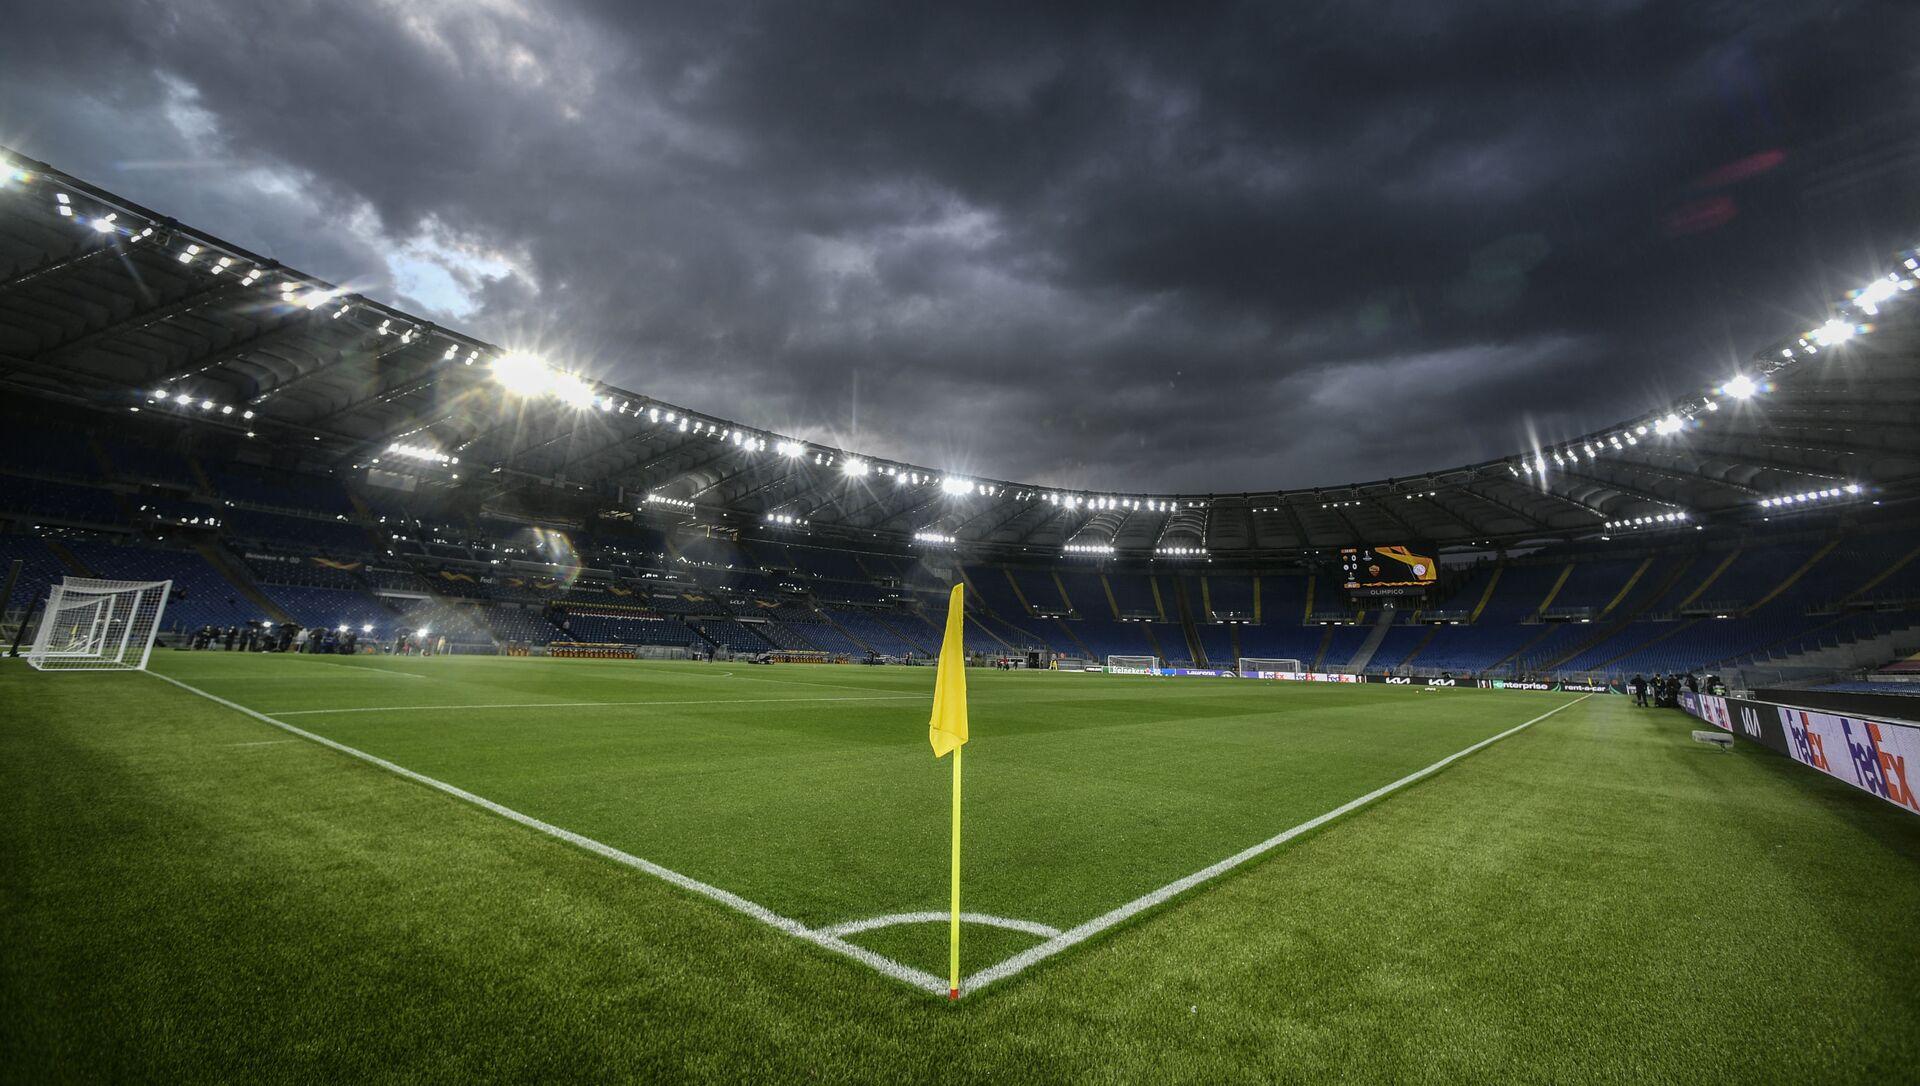 Sân vận động Olimpico ở Rome. - Sputnik Việt Nam, 1920, 10.06.2021